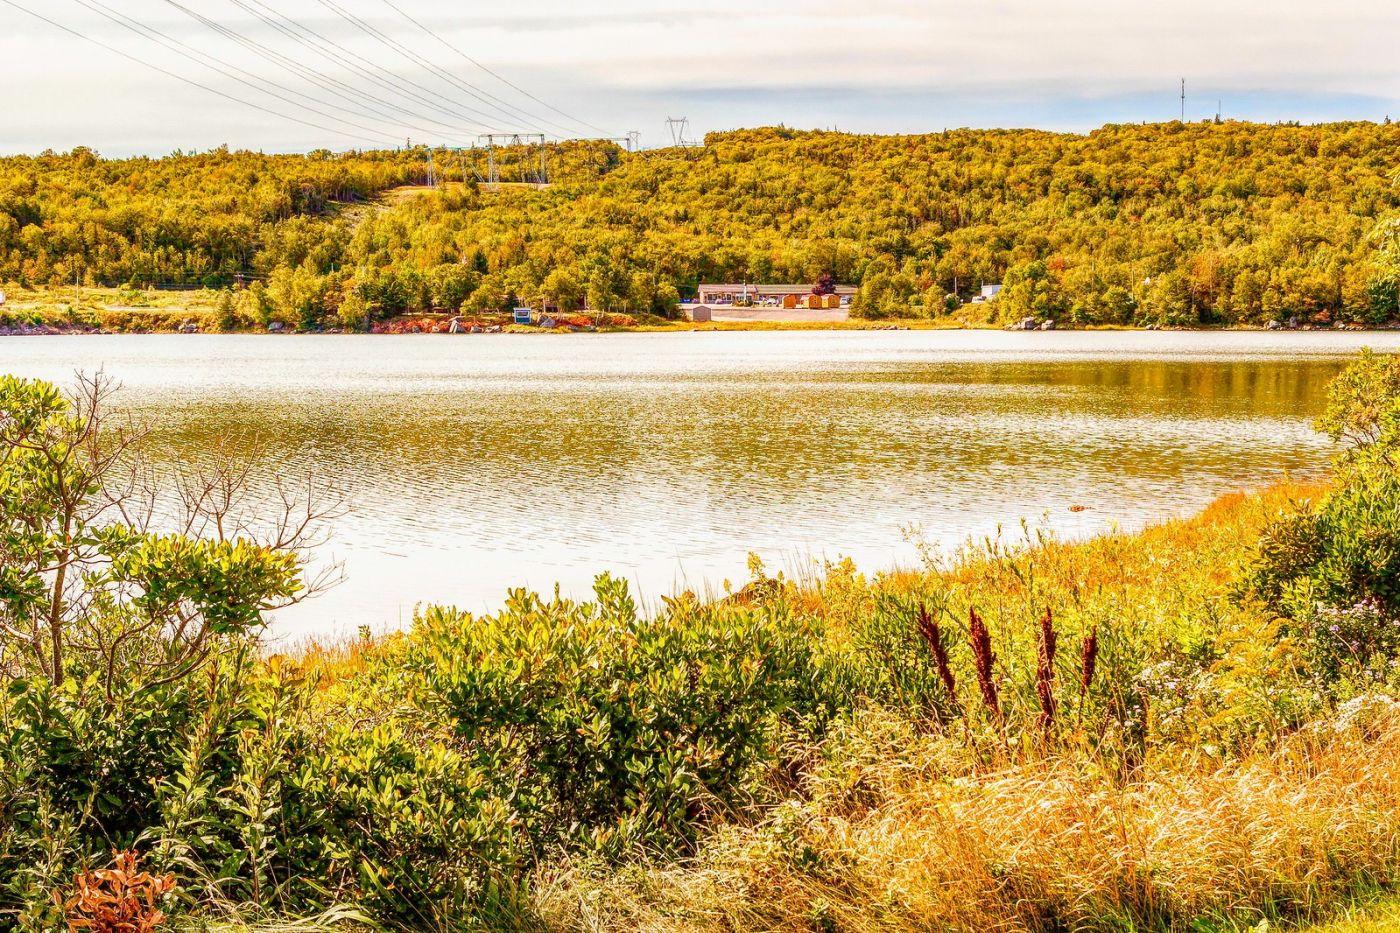 加拿大路途,水边抓拍_图1-34